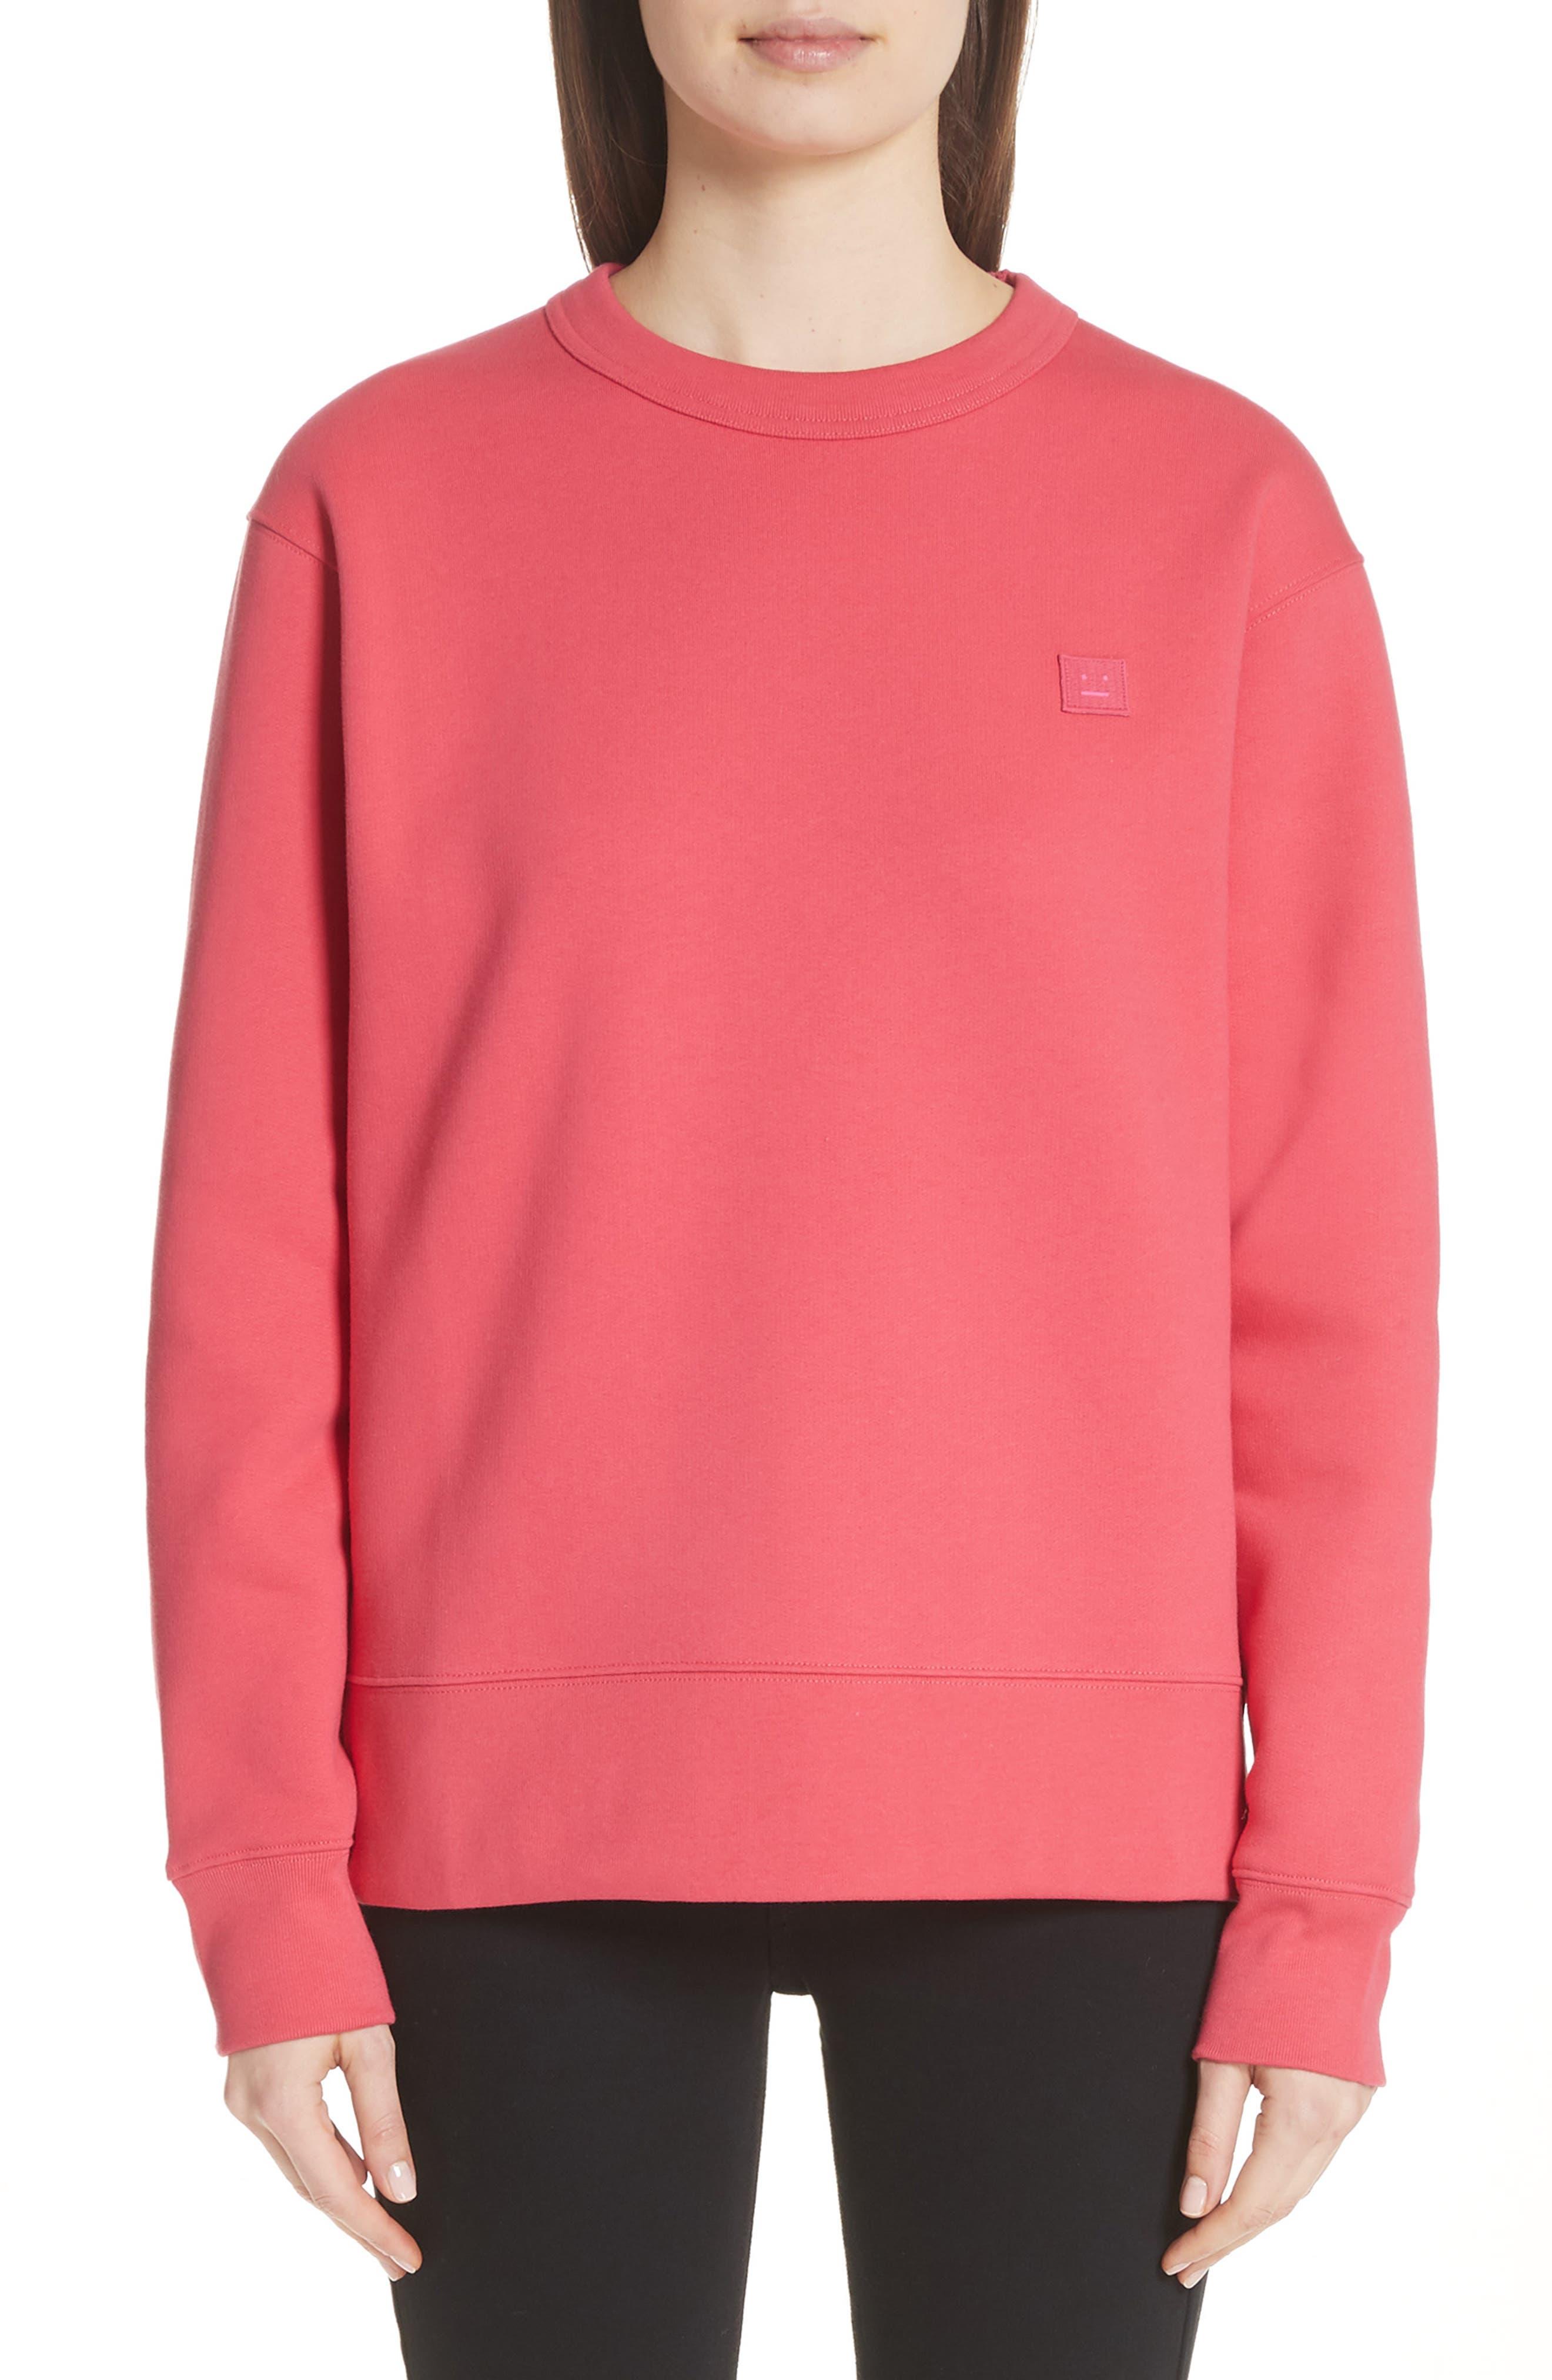 Fairview Crewneck Sweatshirt,                         Main,                         color, Neon Pink